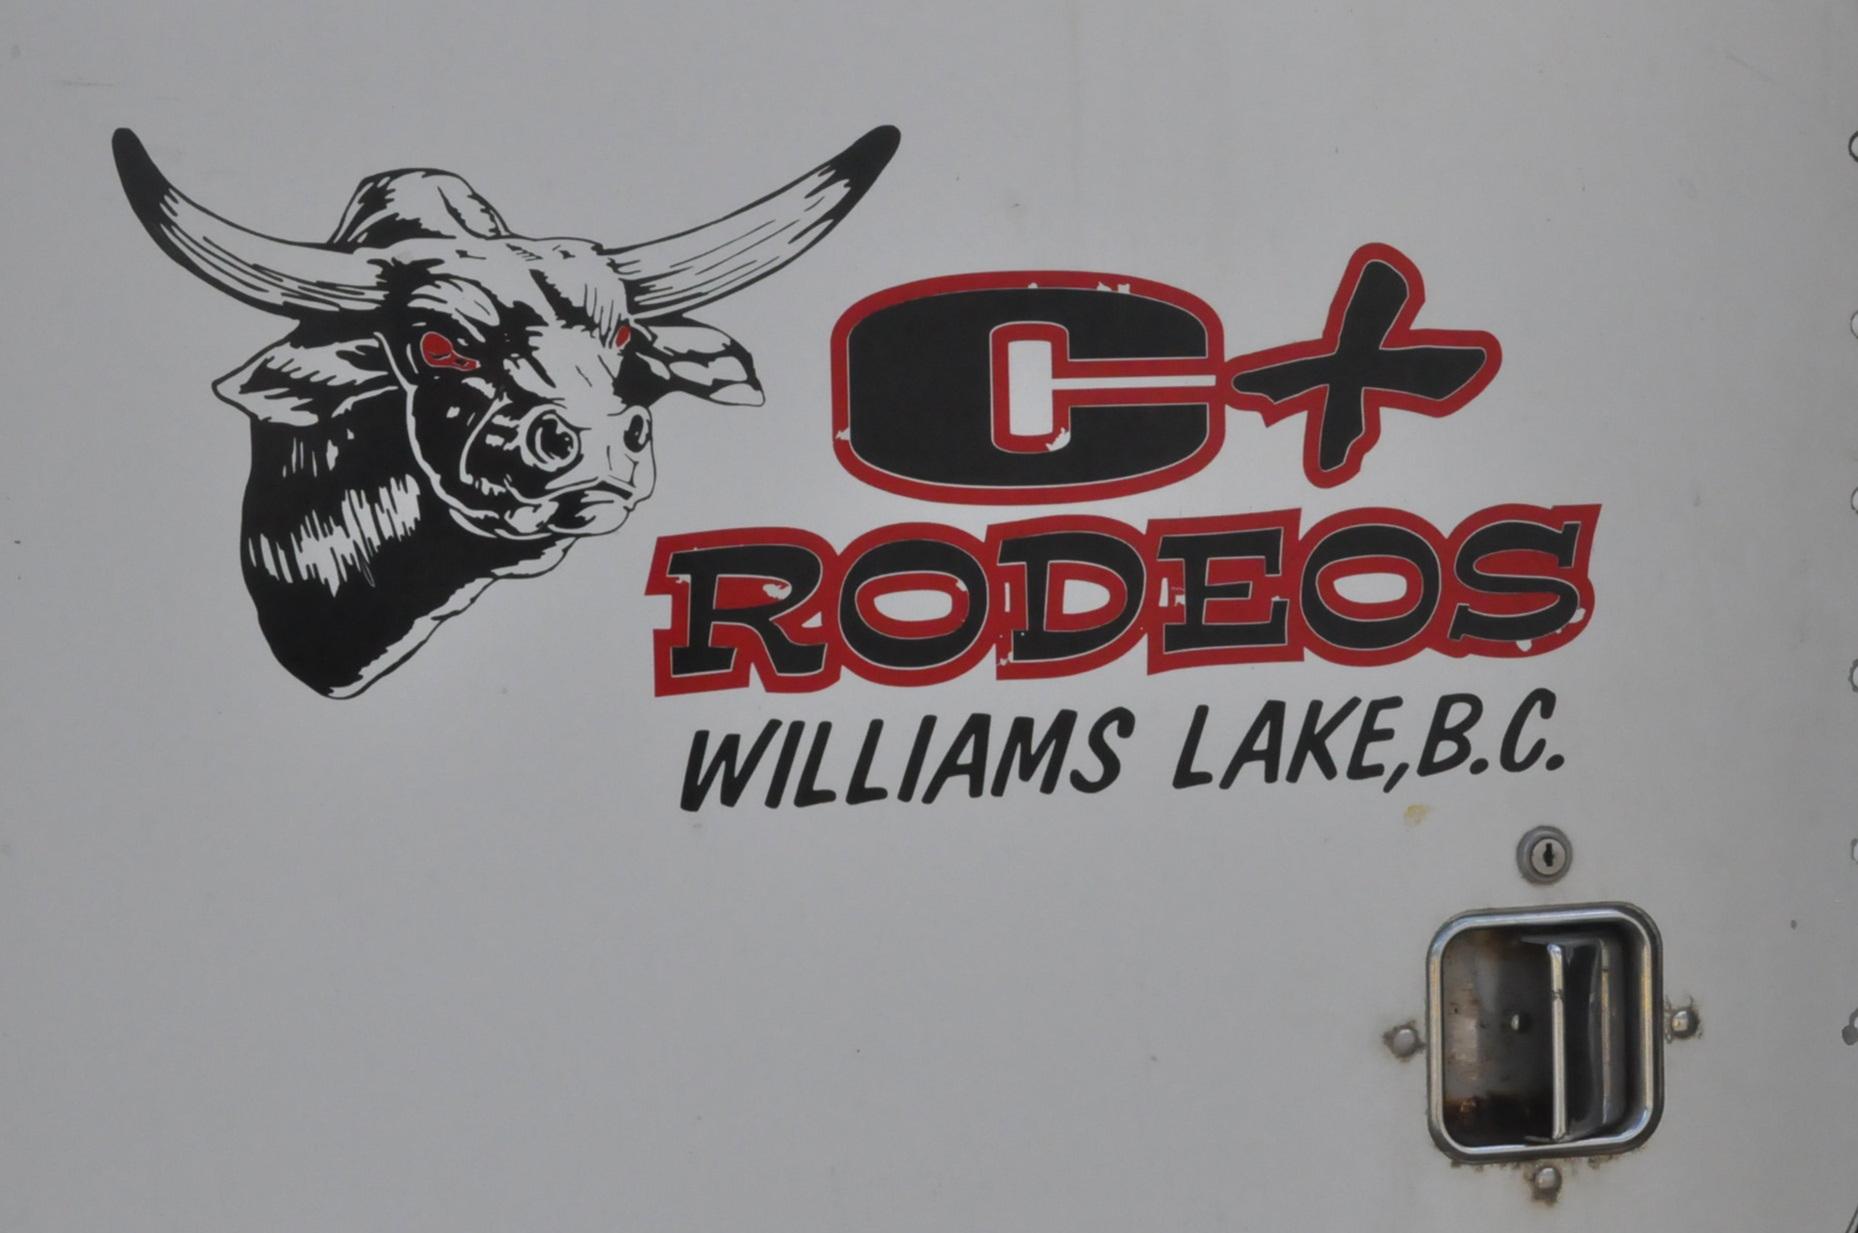 C-Plus-Rodeos.jpg